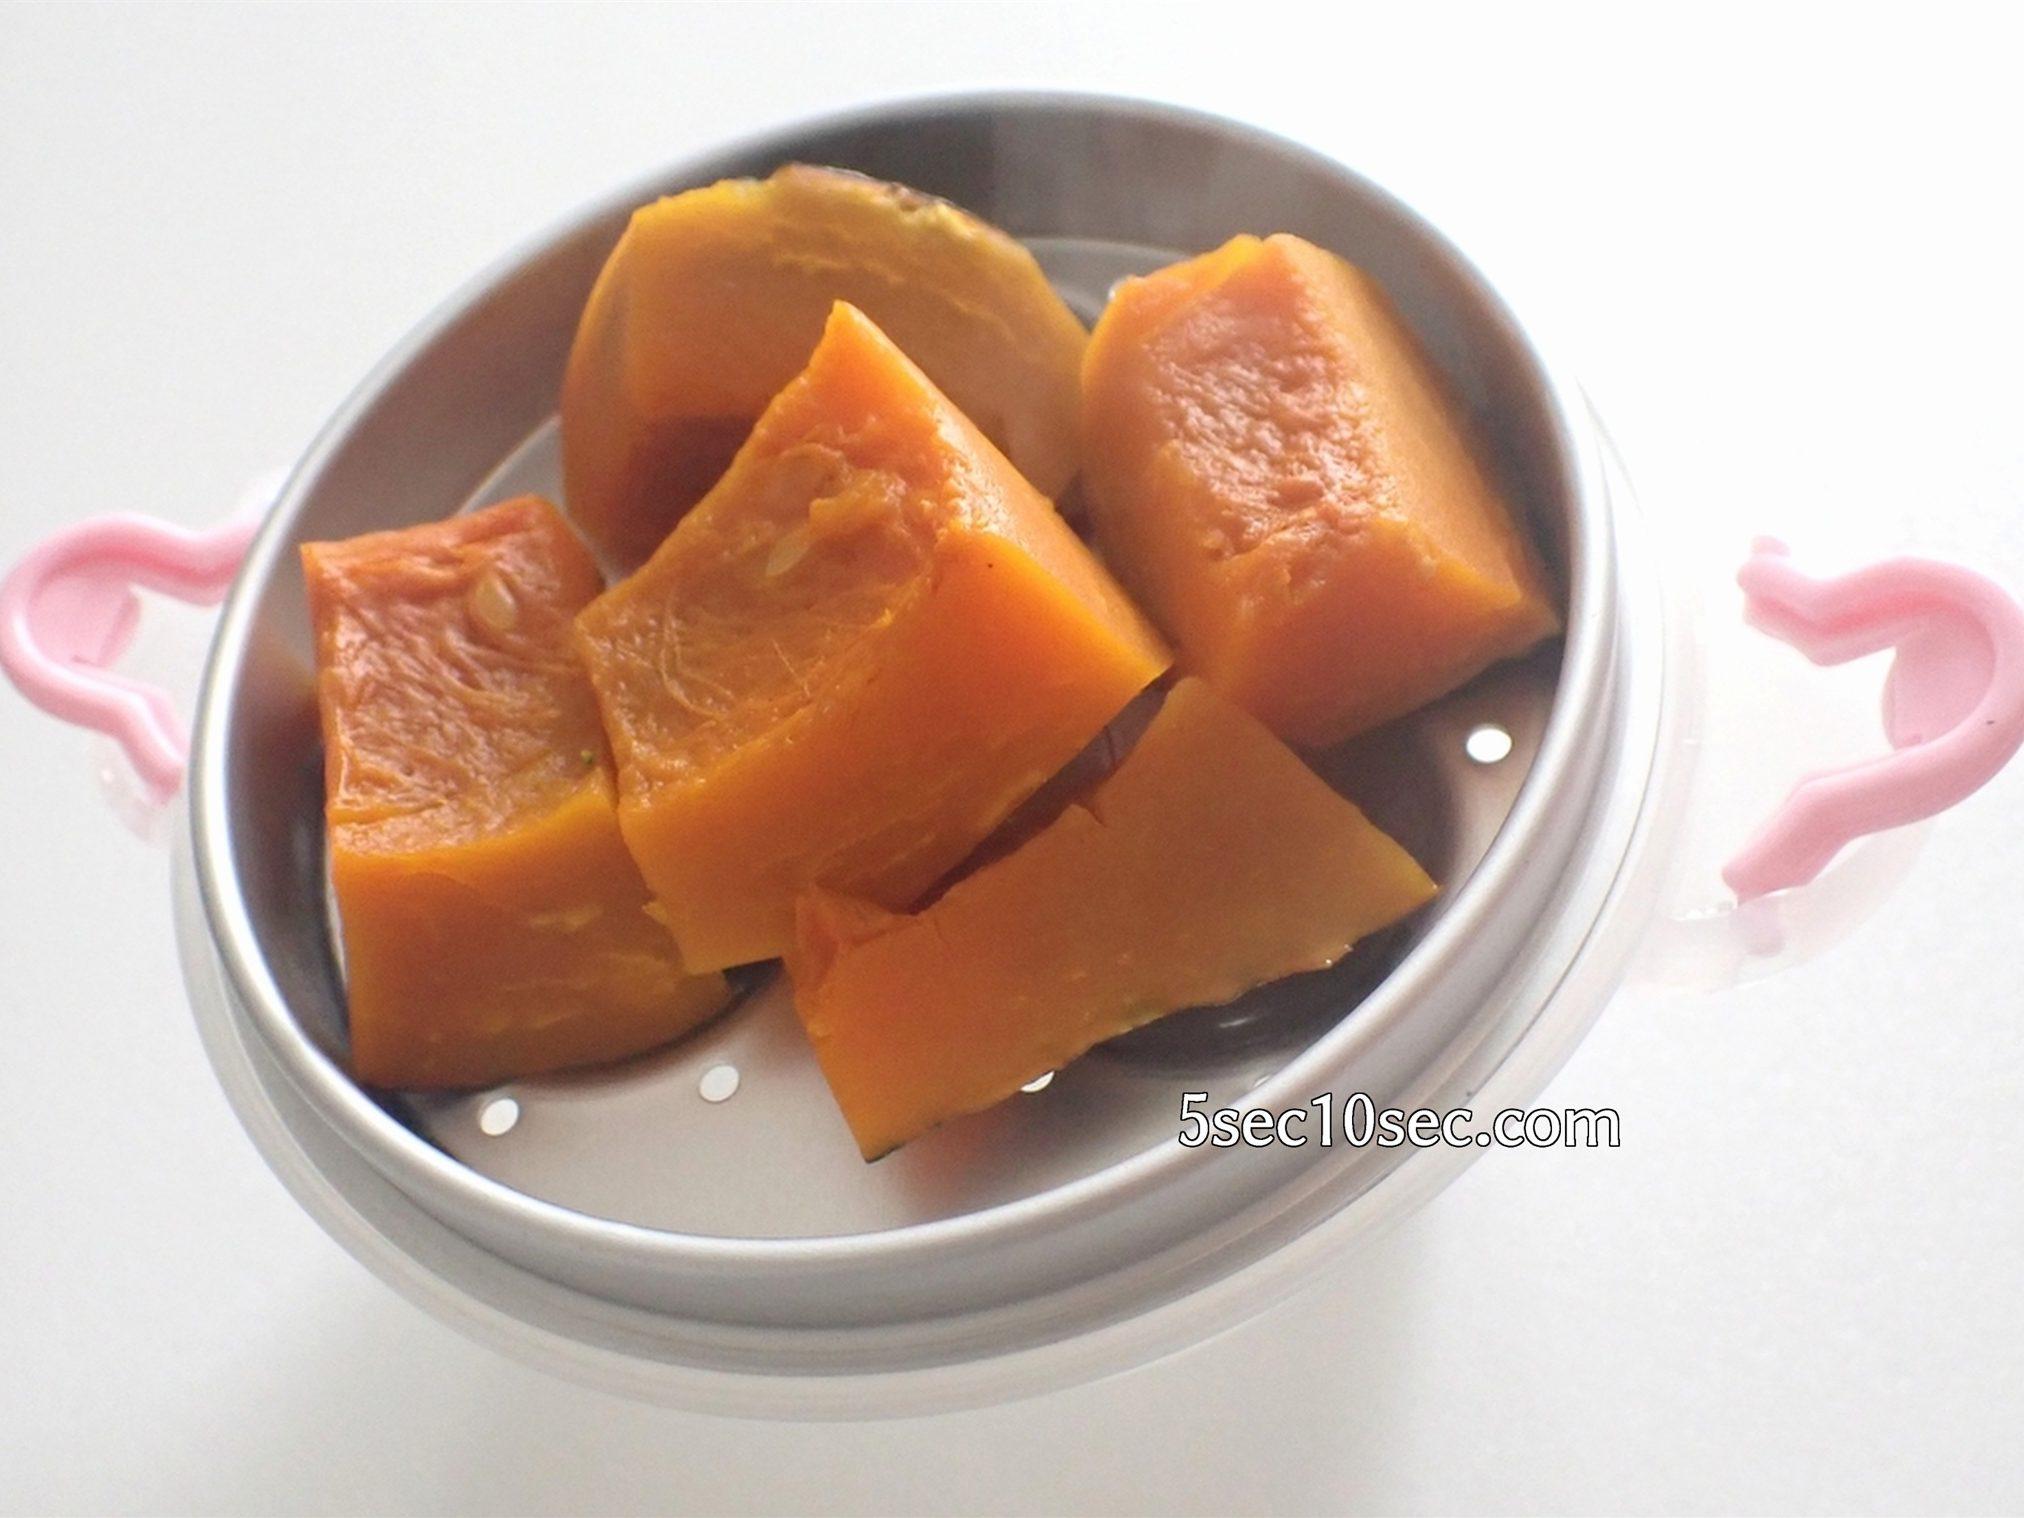 貝印 KAI レンジでゆでたまごが作れる容器 かぼちゃを加熱してみた、煮る、茹でるというよりも蒸すという調理方法に近いです